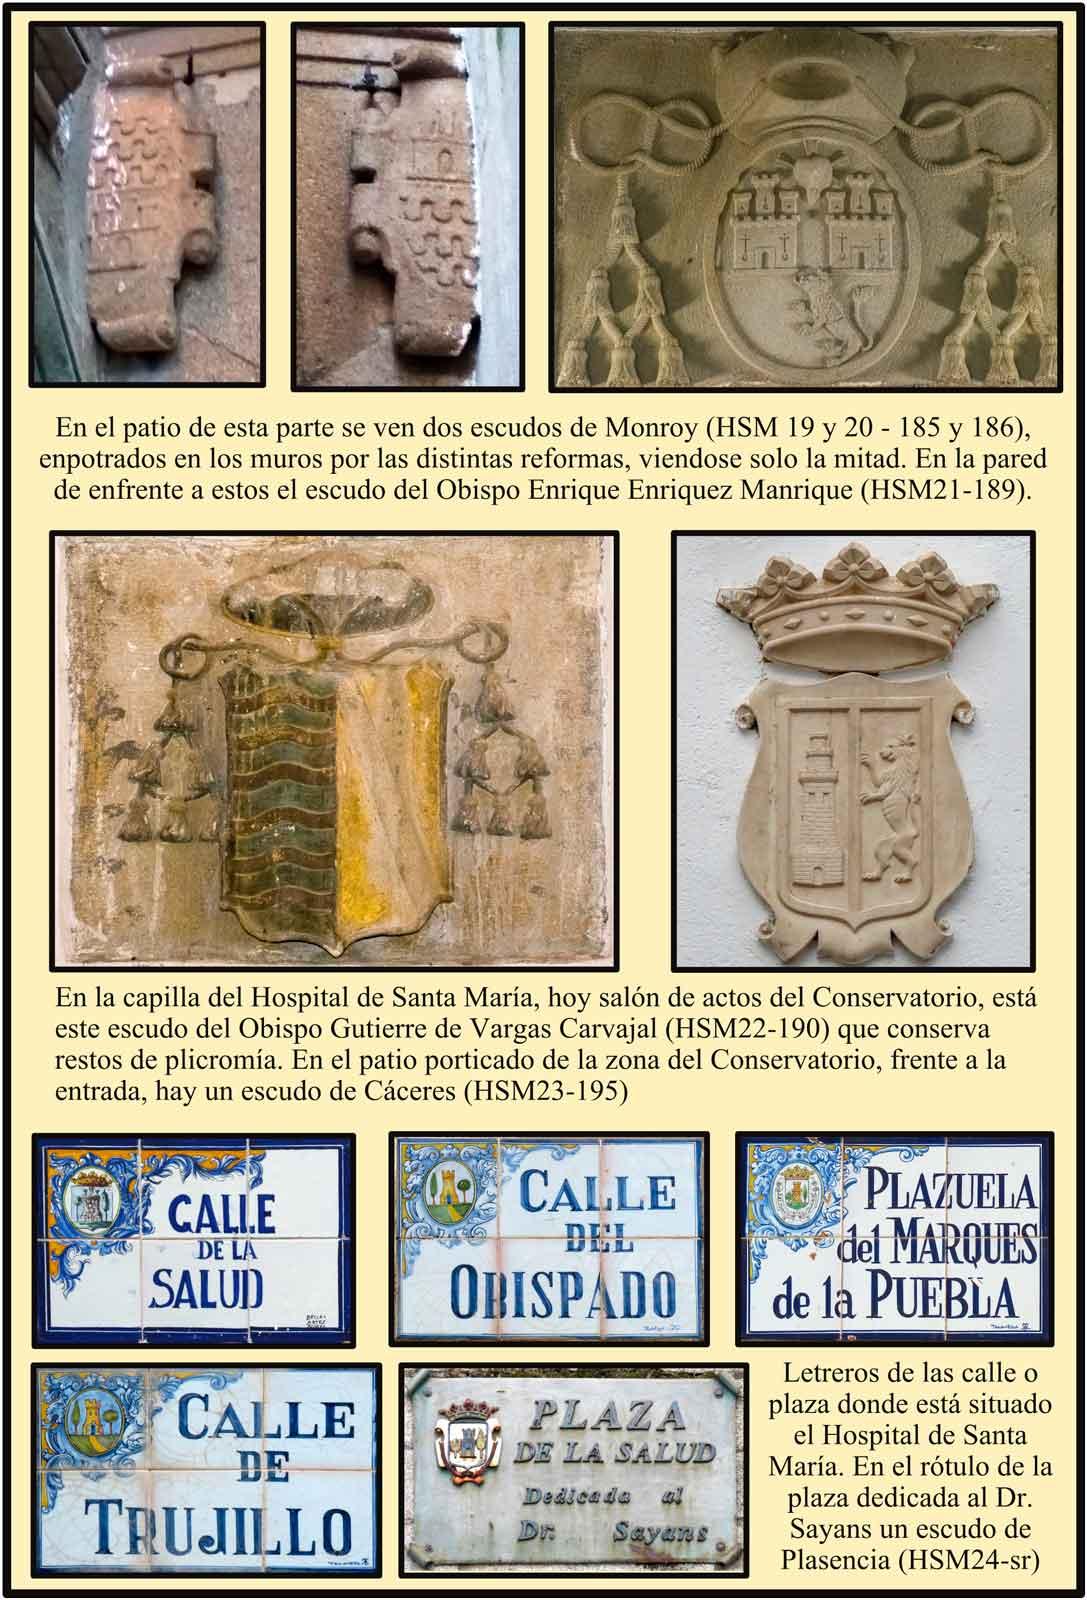 Patio del Hospital con el escudo del obispo Enrique Enriquez Manrique